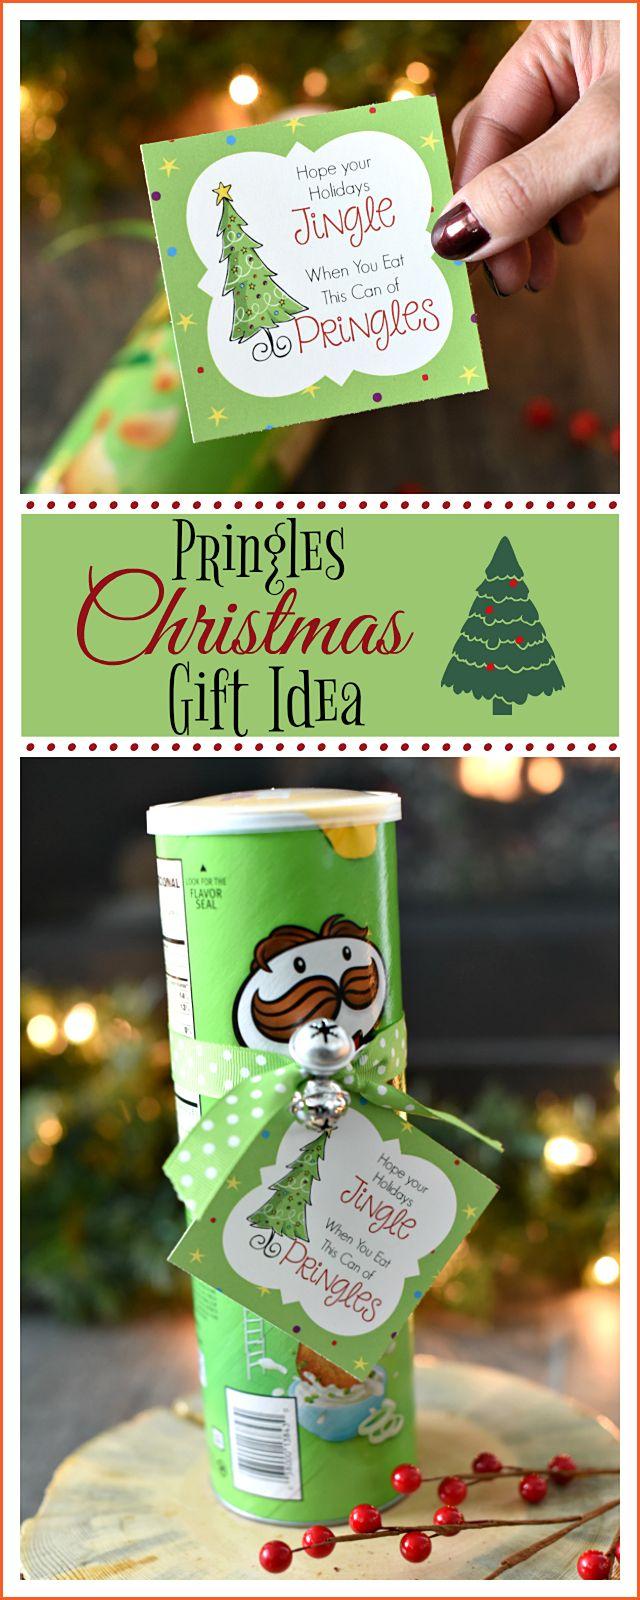 Lustige Weihnachtsgeschenkidee mit Pringles